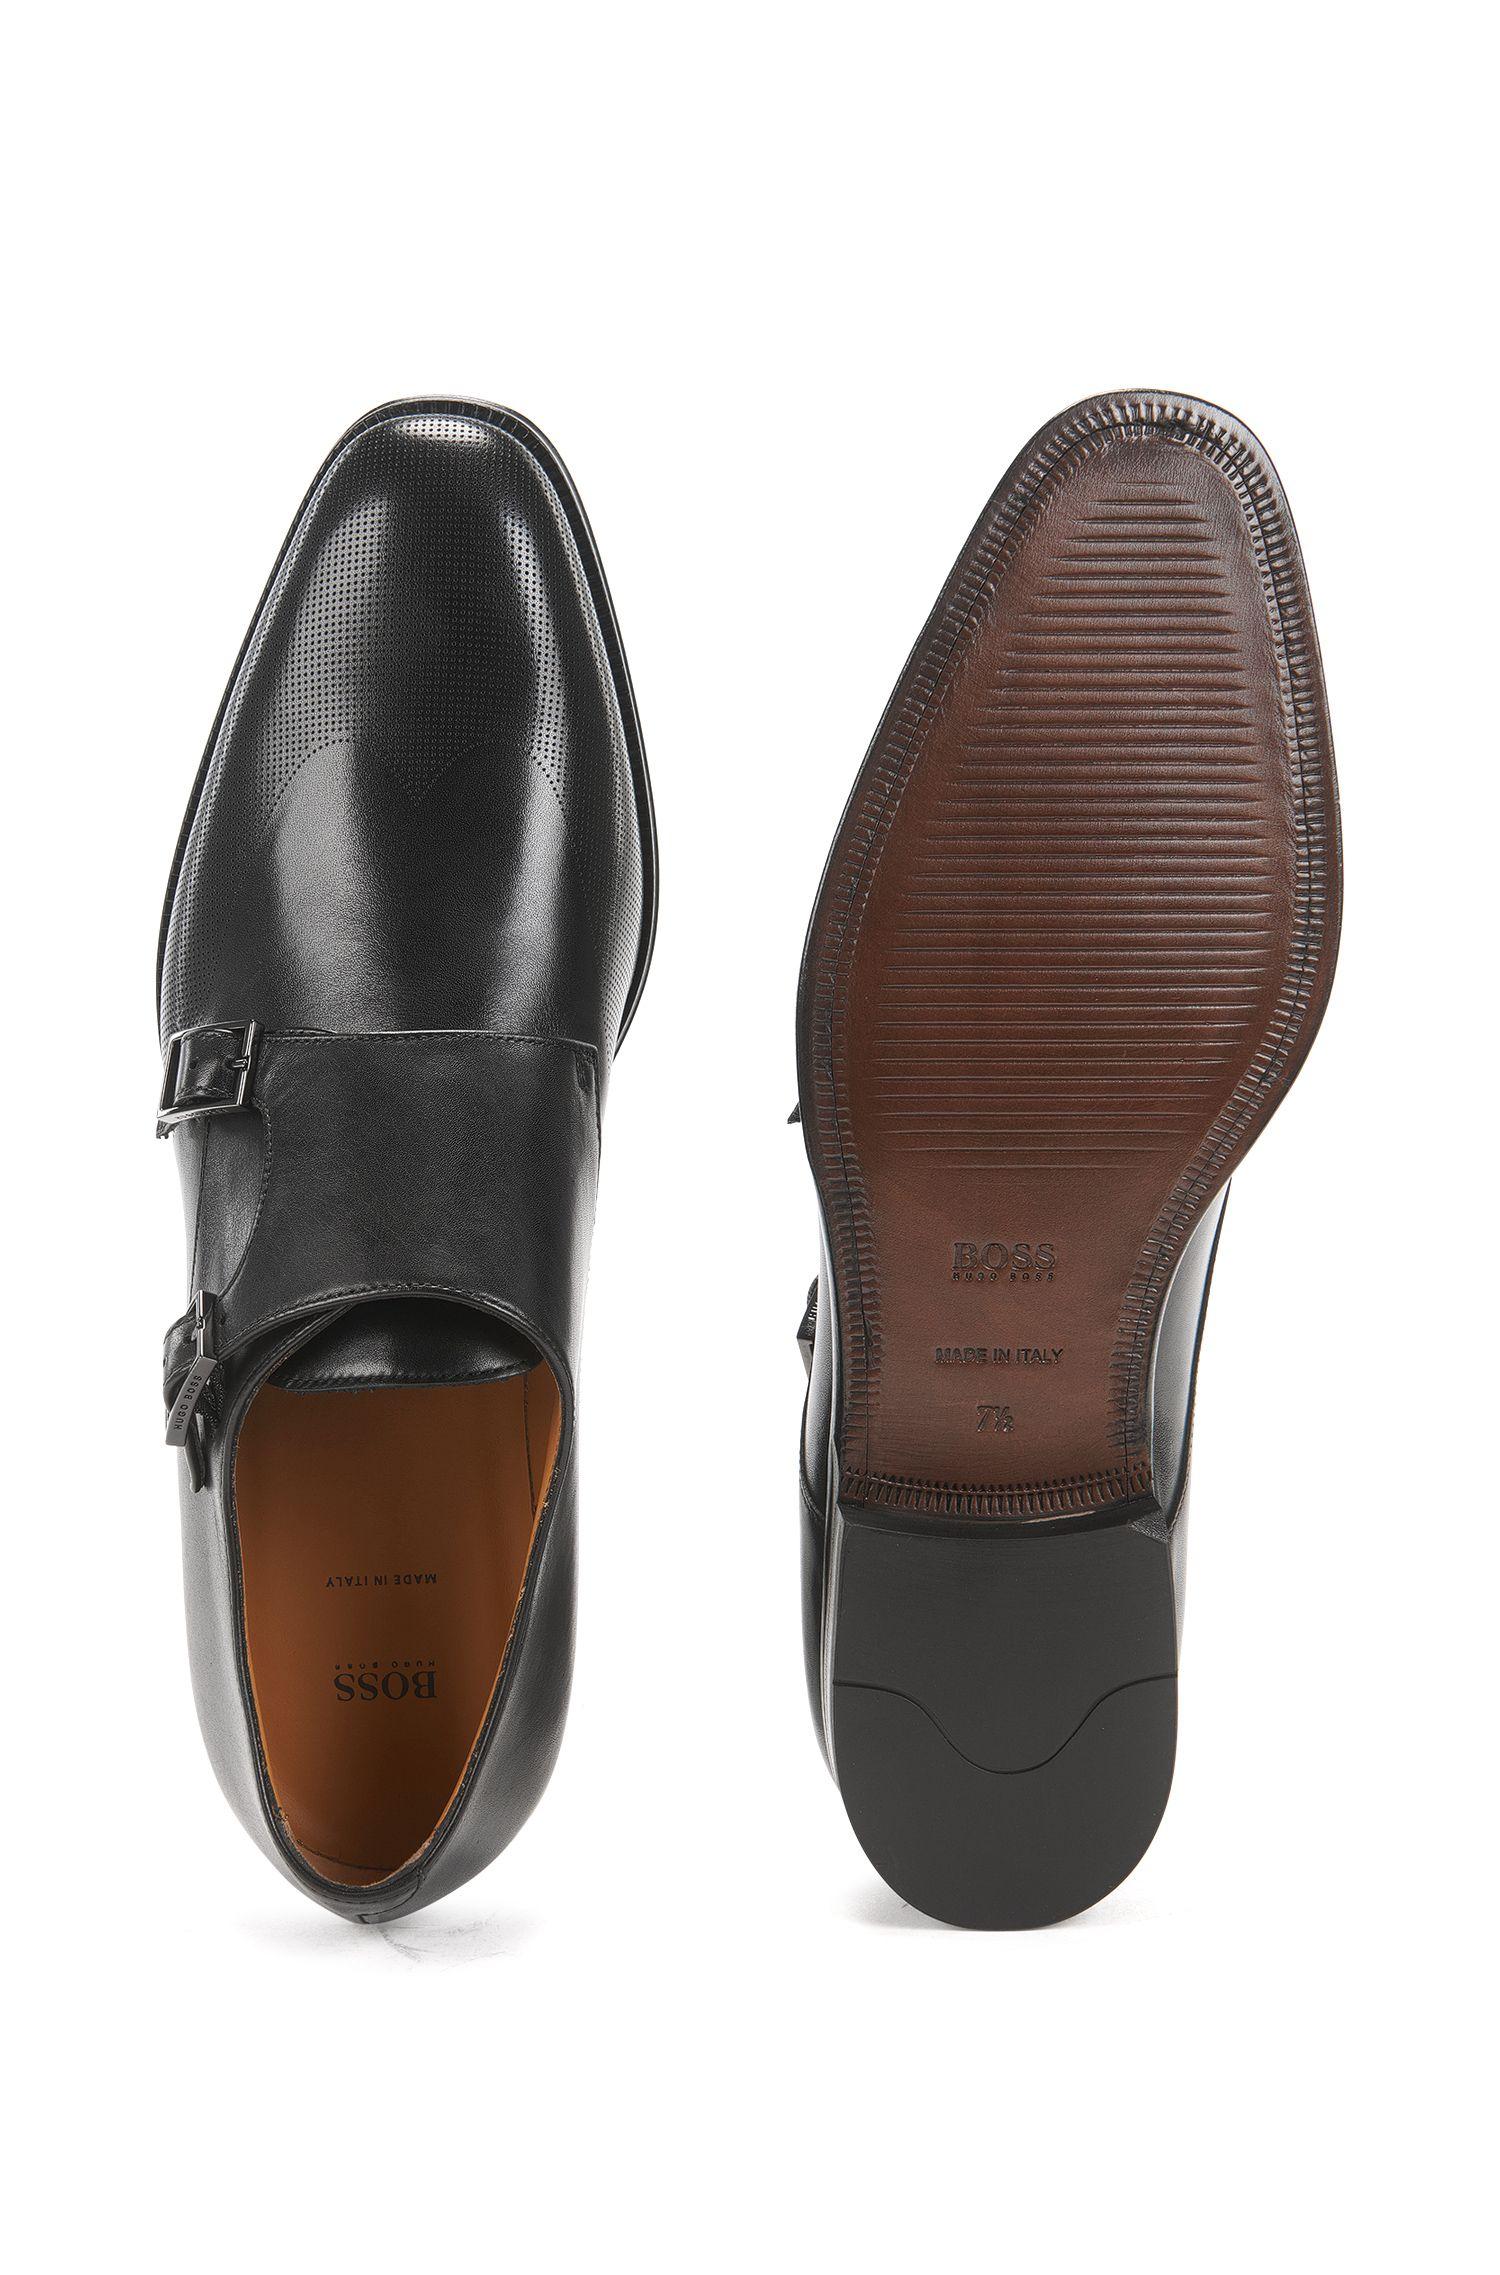 en es veau de Italie en double confectionn cuir Chaussures boucle qwva8x